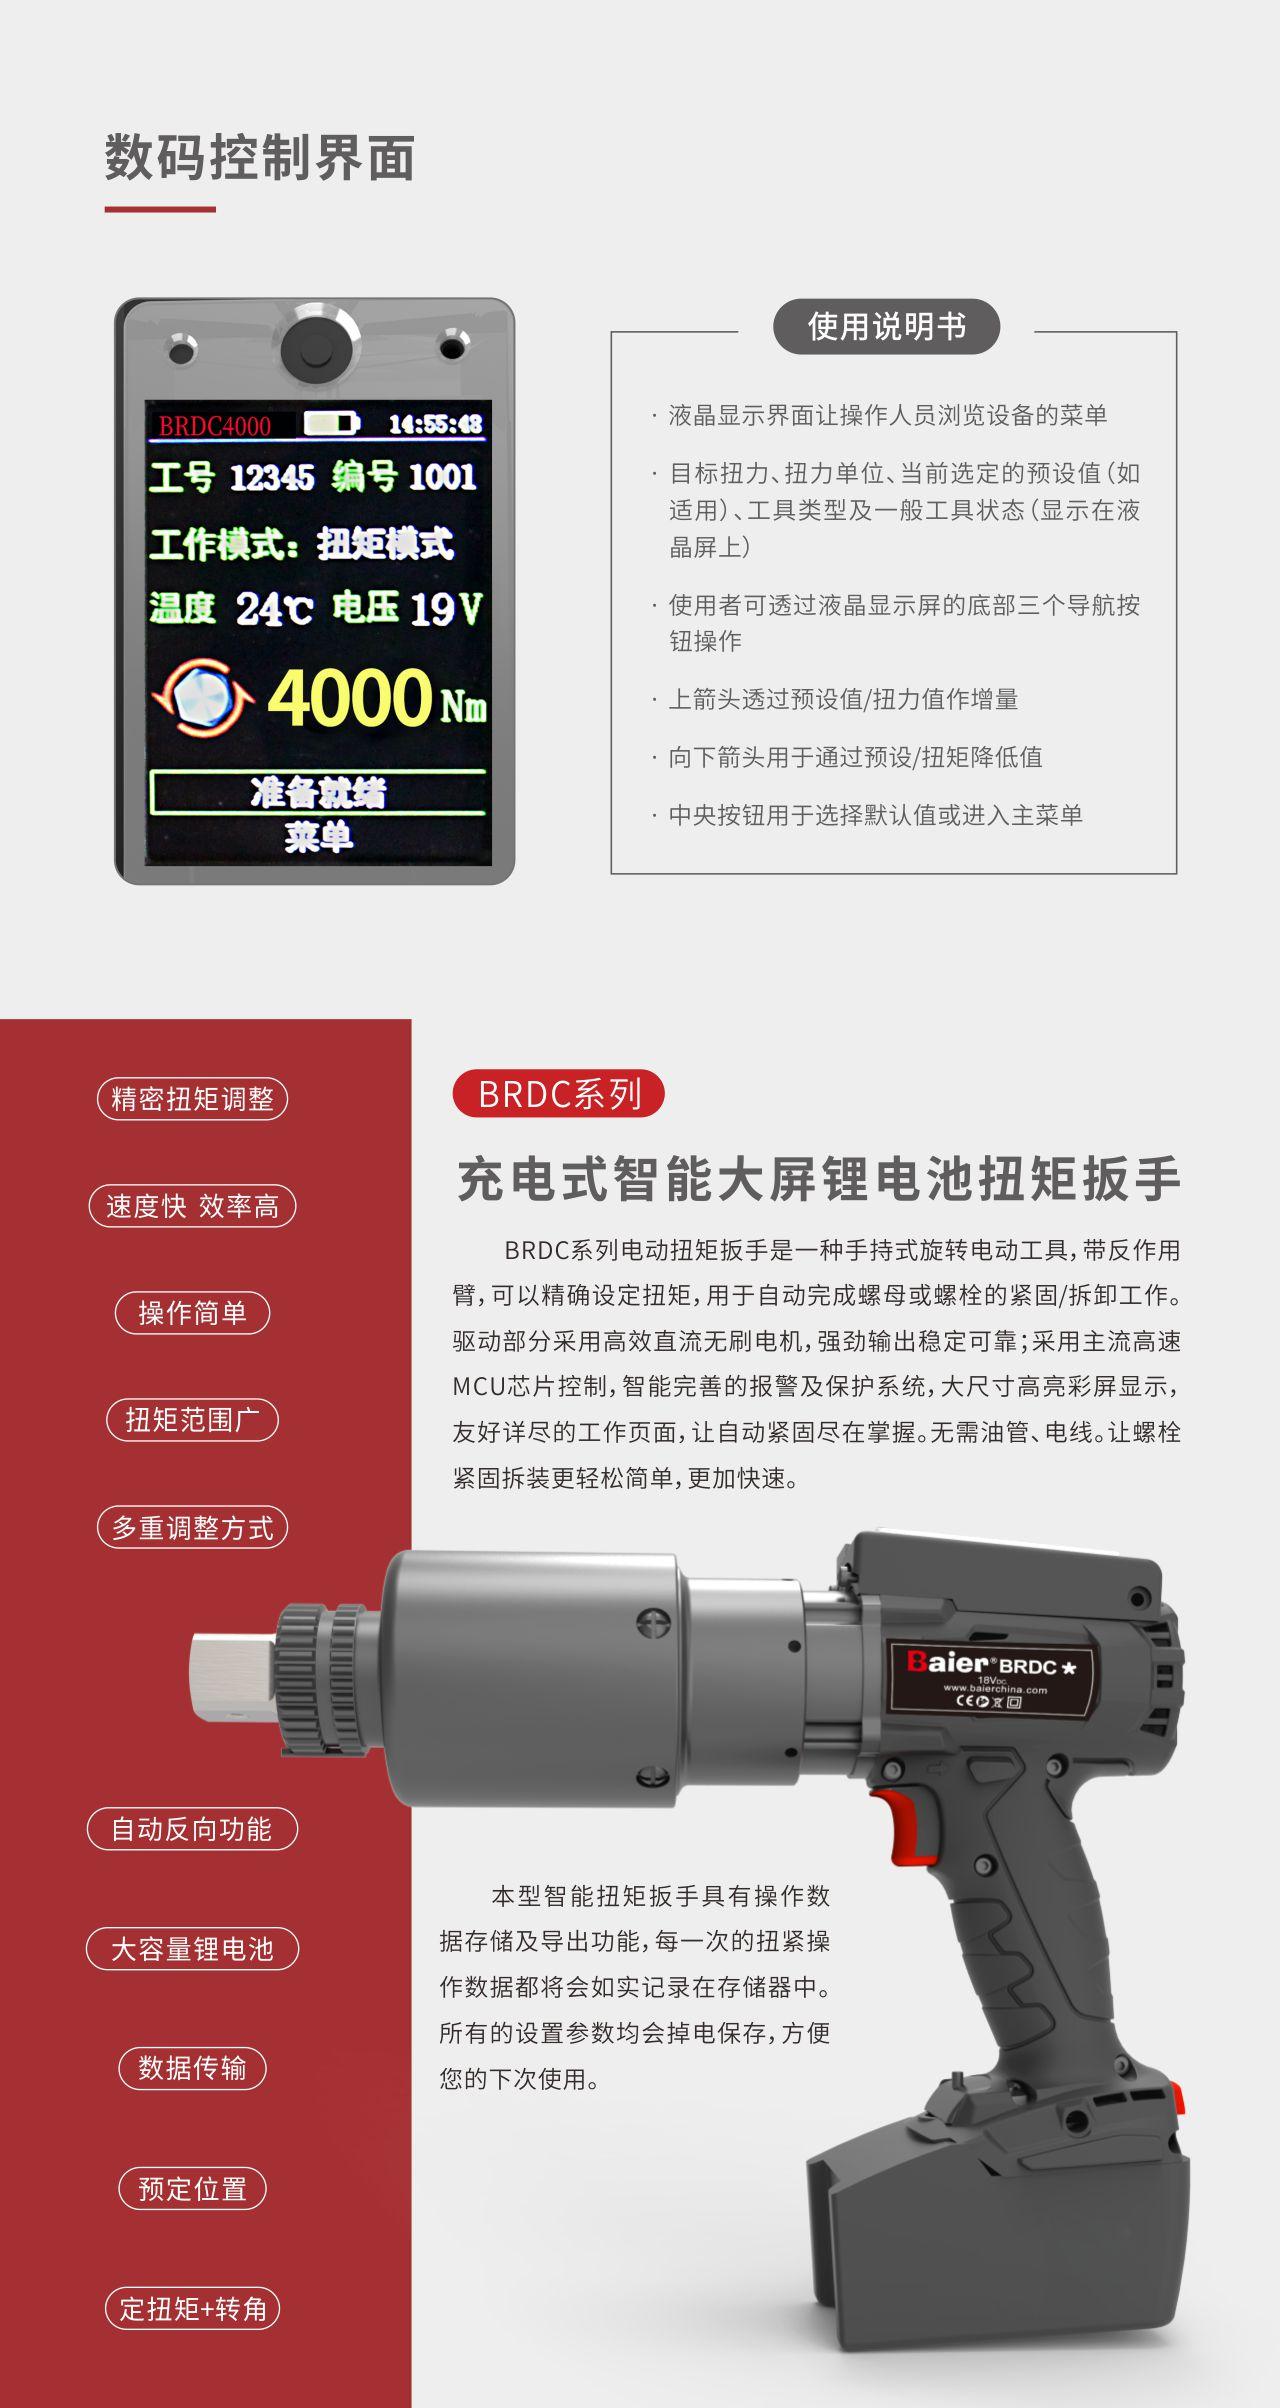 BRDC系列--充电扭矩扳手